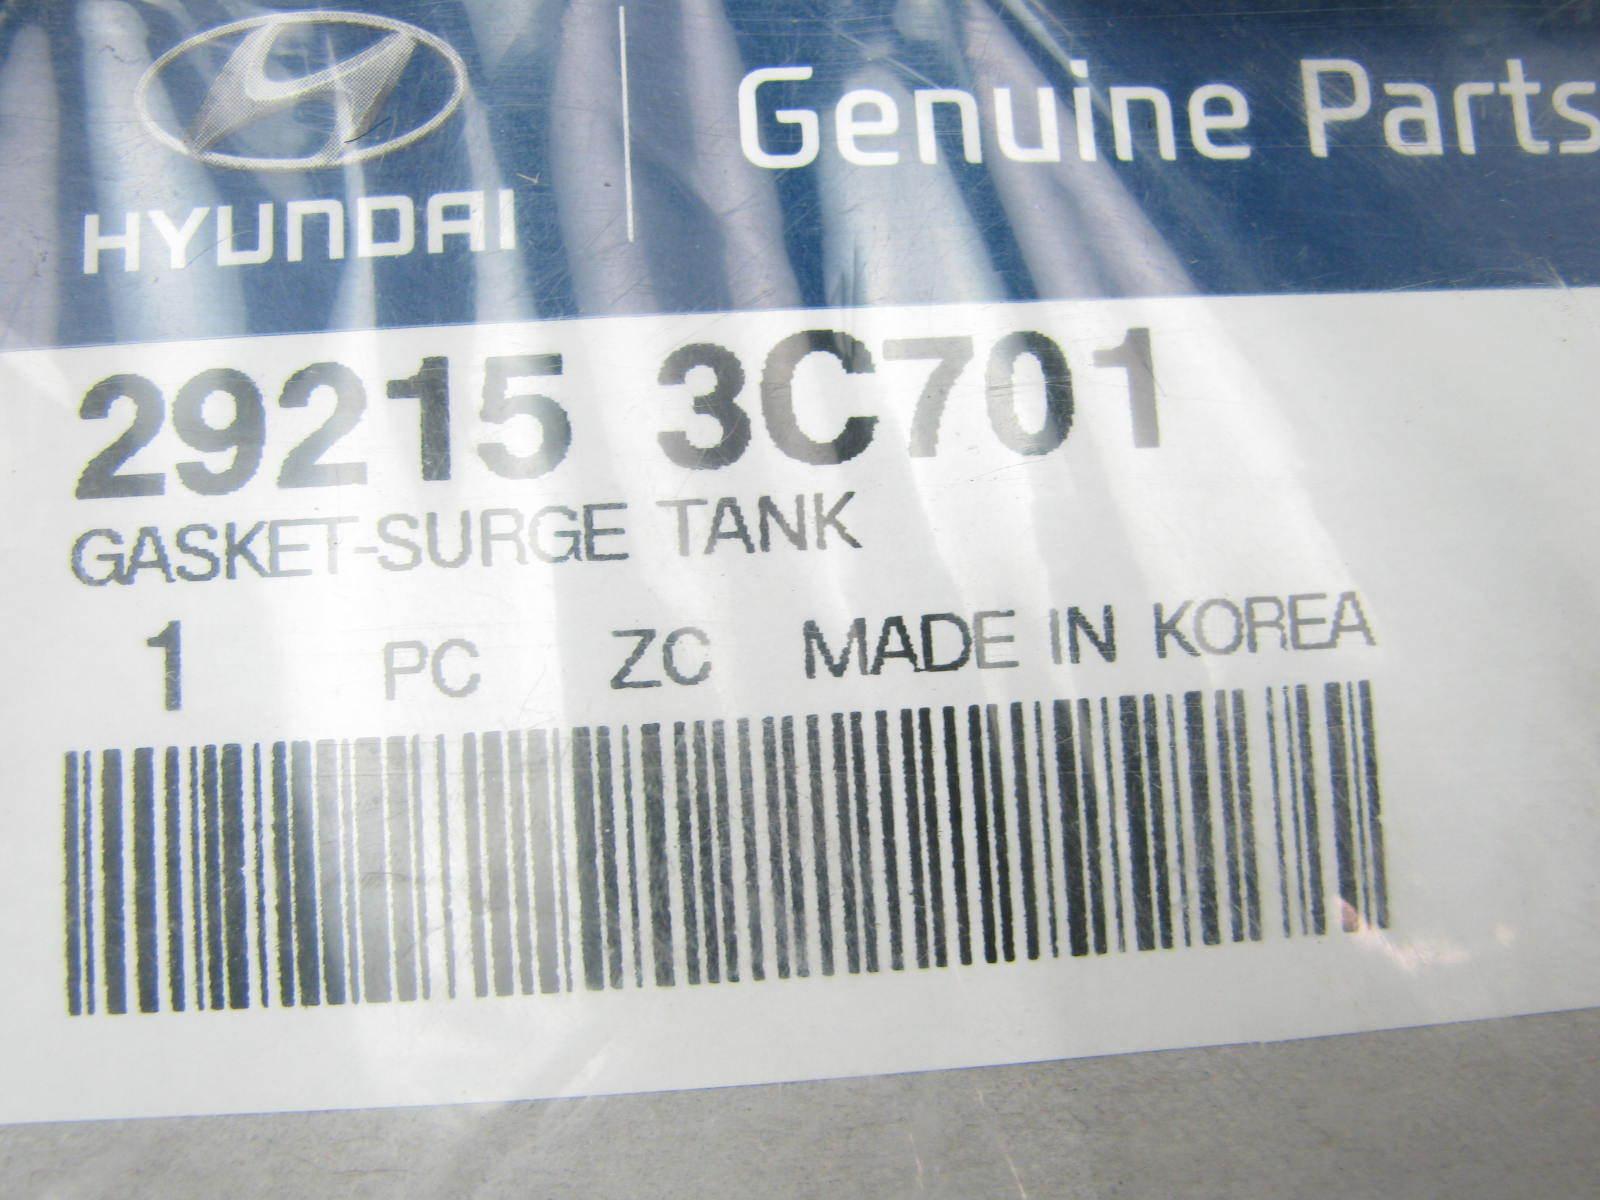 Genuine Hyundai 29215-3C701 Surge Tank Gasket